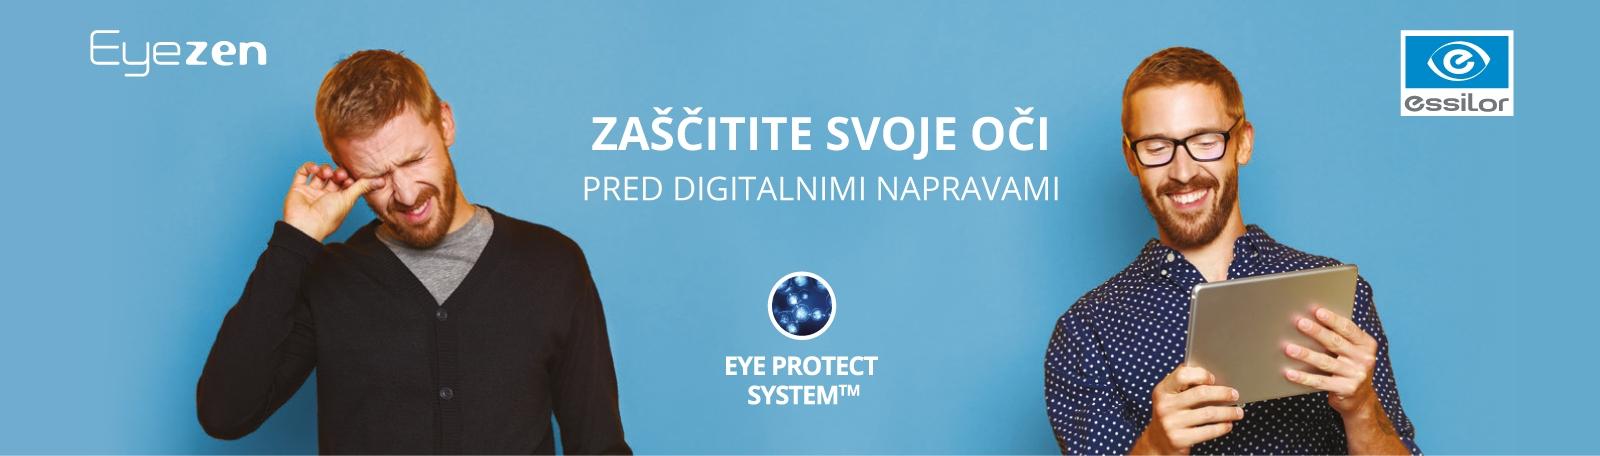 banner-eyezen c